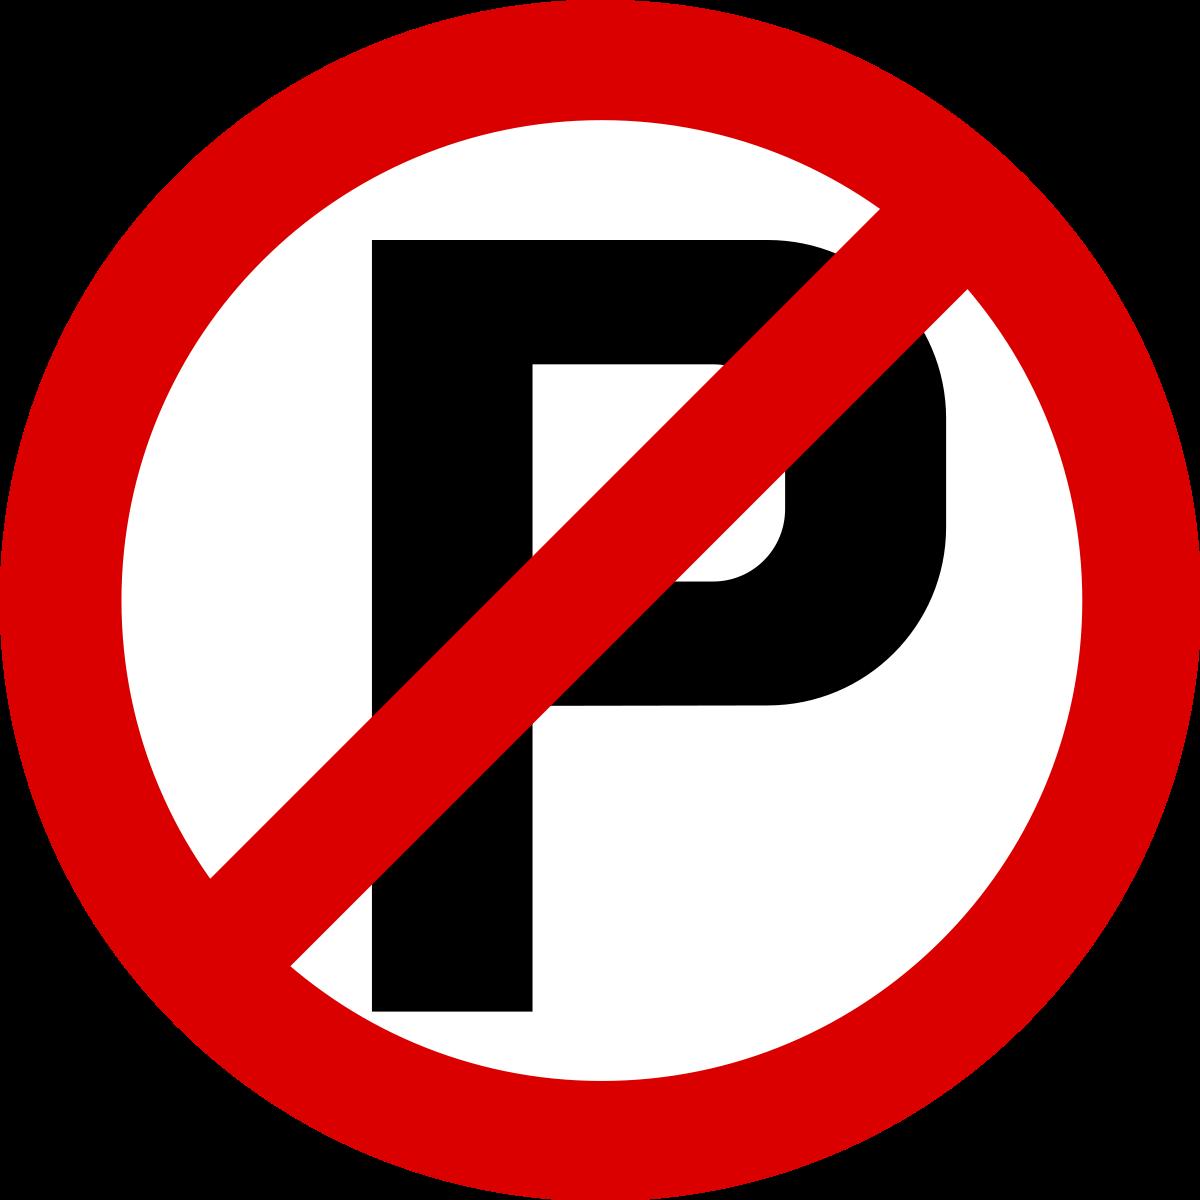 Korlátozzák a parkolást az állomáson július 10-ig